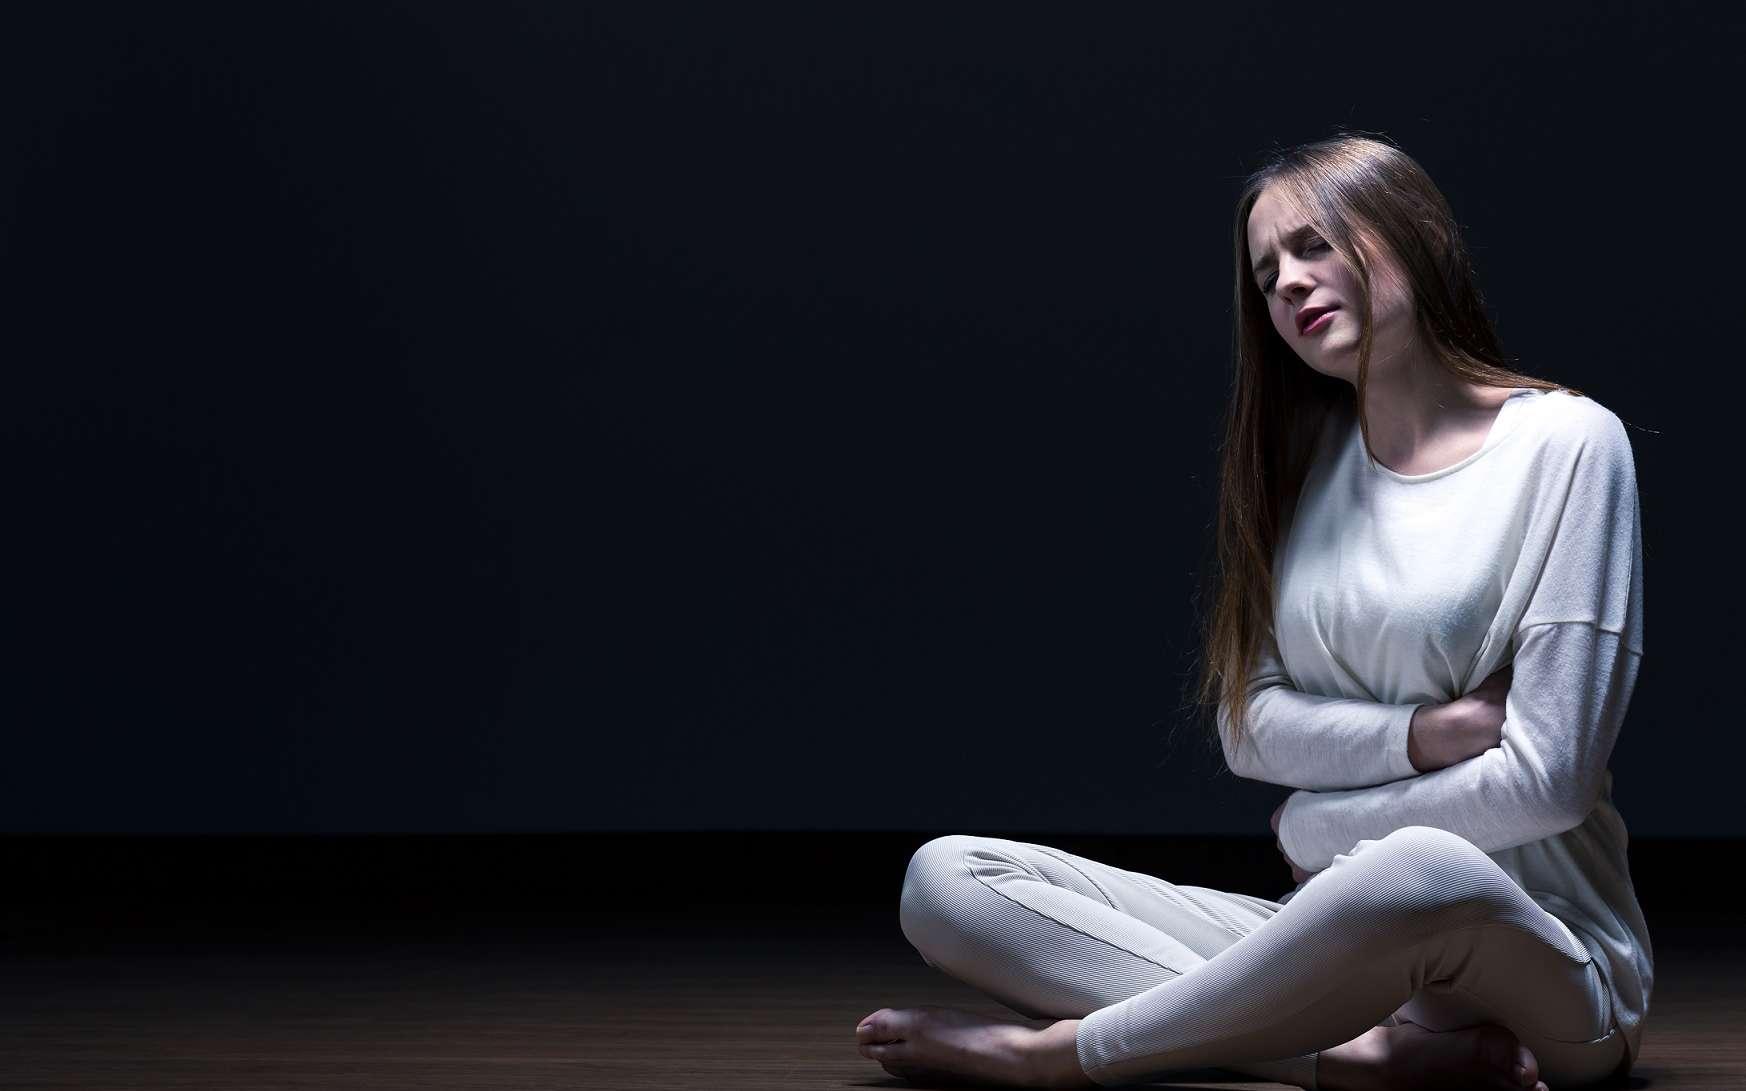 Anorexie et boulimie sont deux troubles du comportement alimentaire qui touchent plutôt des jeunes filles. © Photographee.eu, Shutterstock